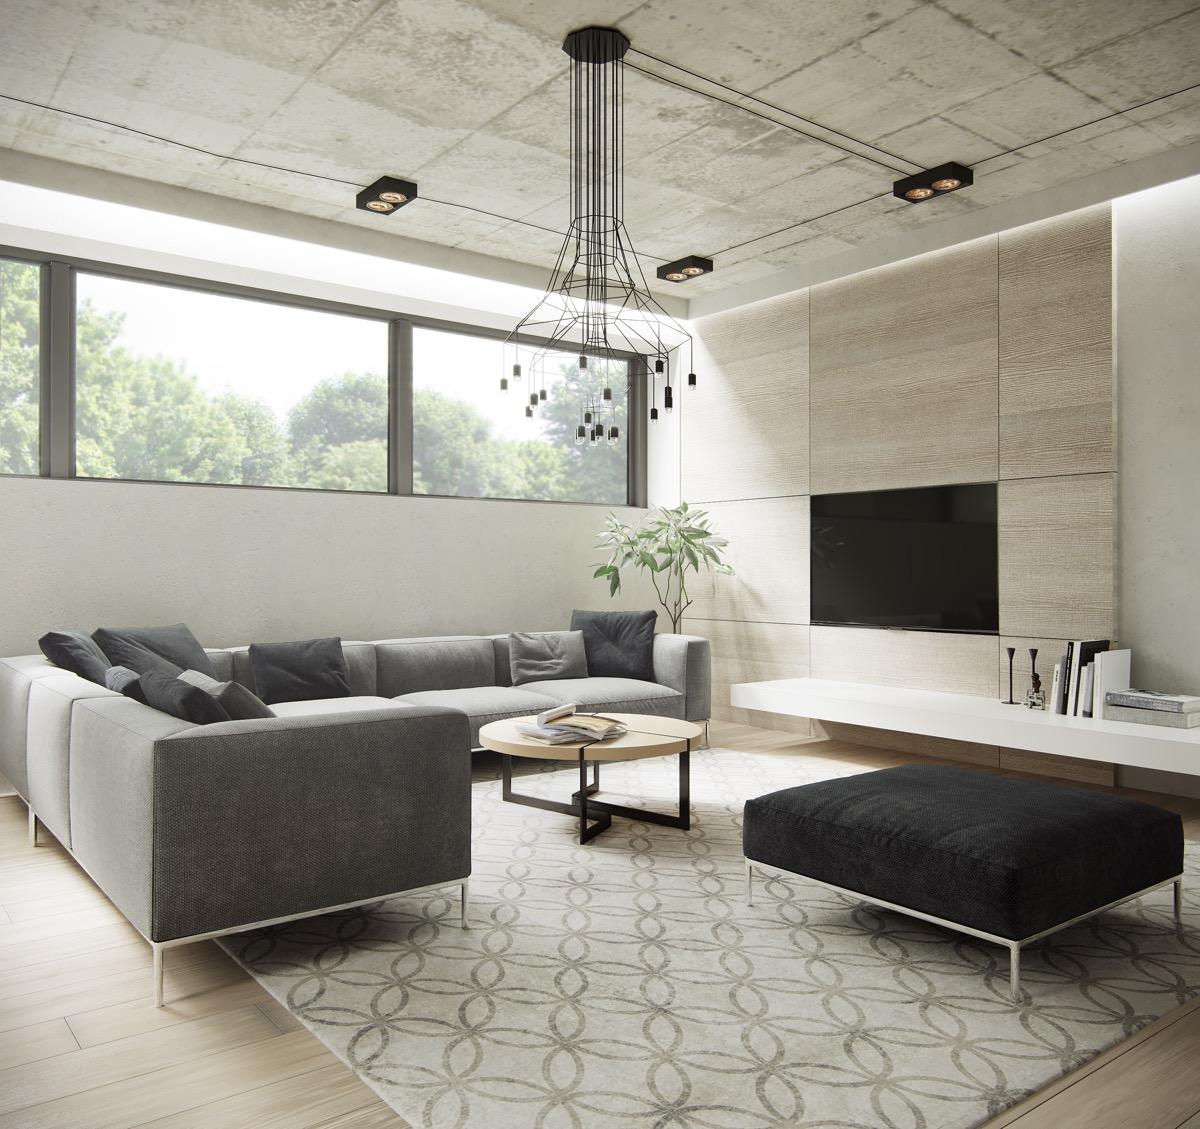 inspirasi ruang tamu minimalis yang alami